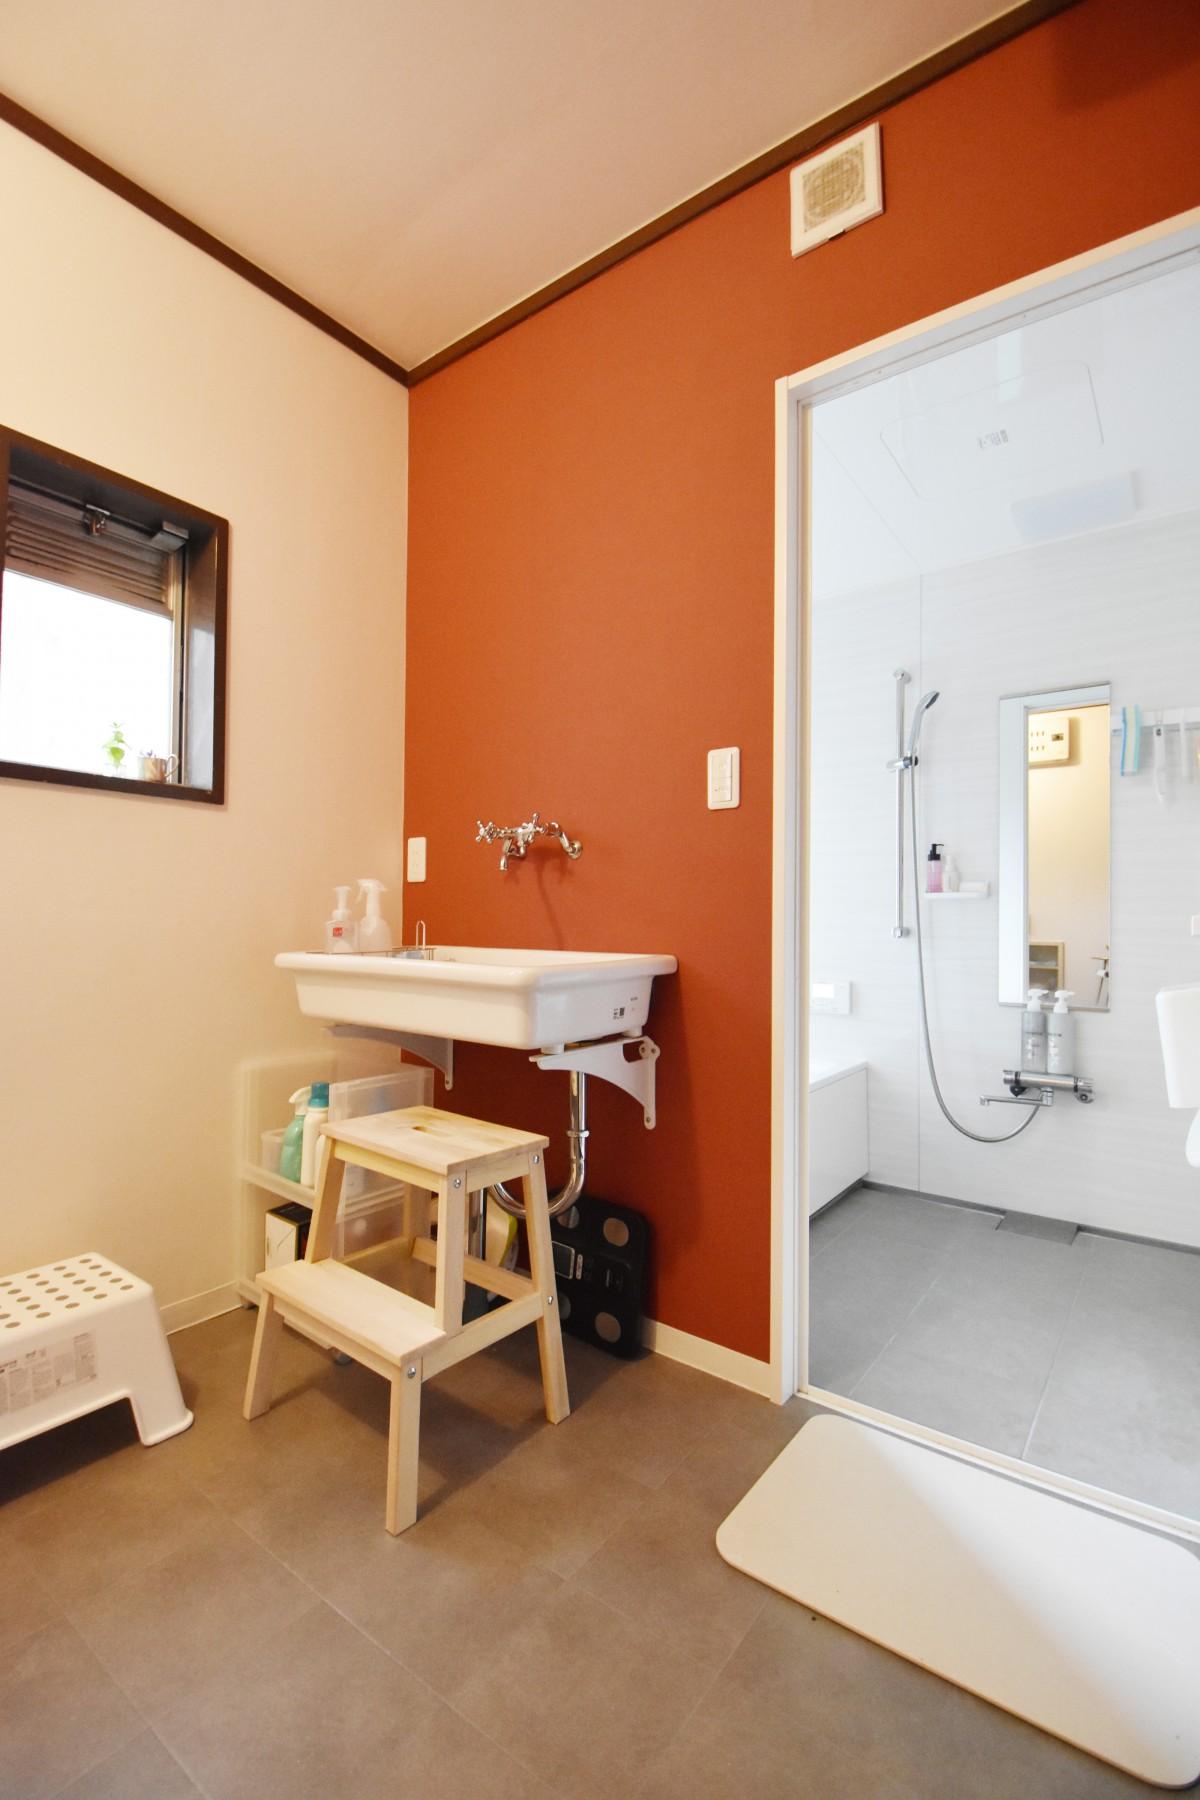 ヨーロッパ風の洗面室 壁紙の色合いも少し変えてオシャレに